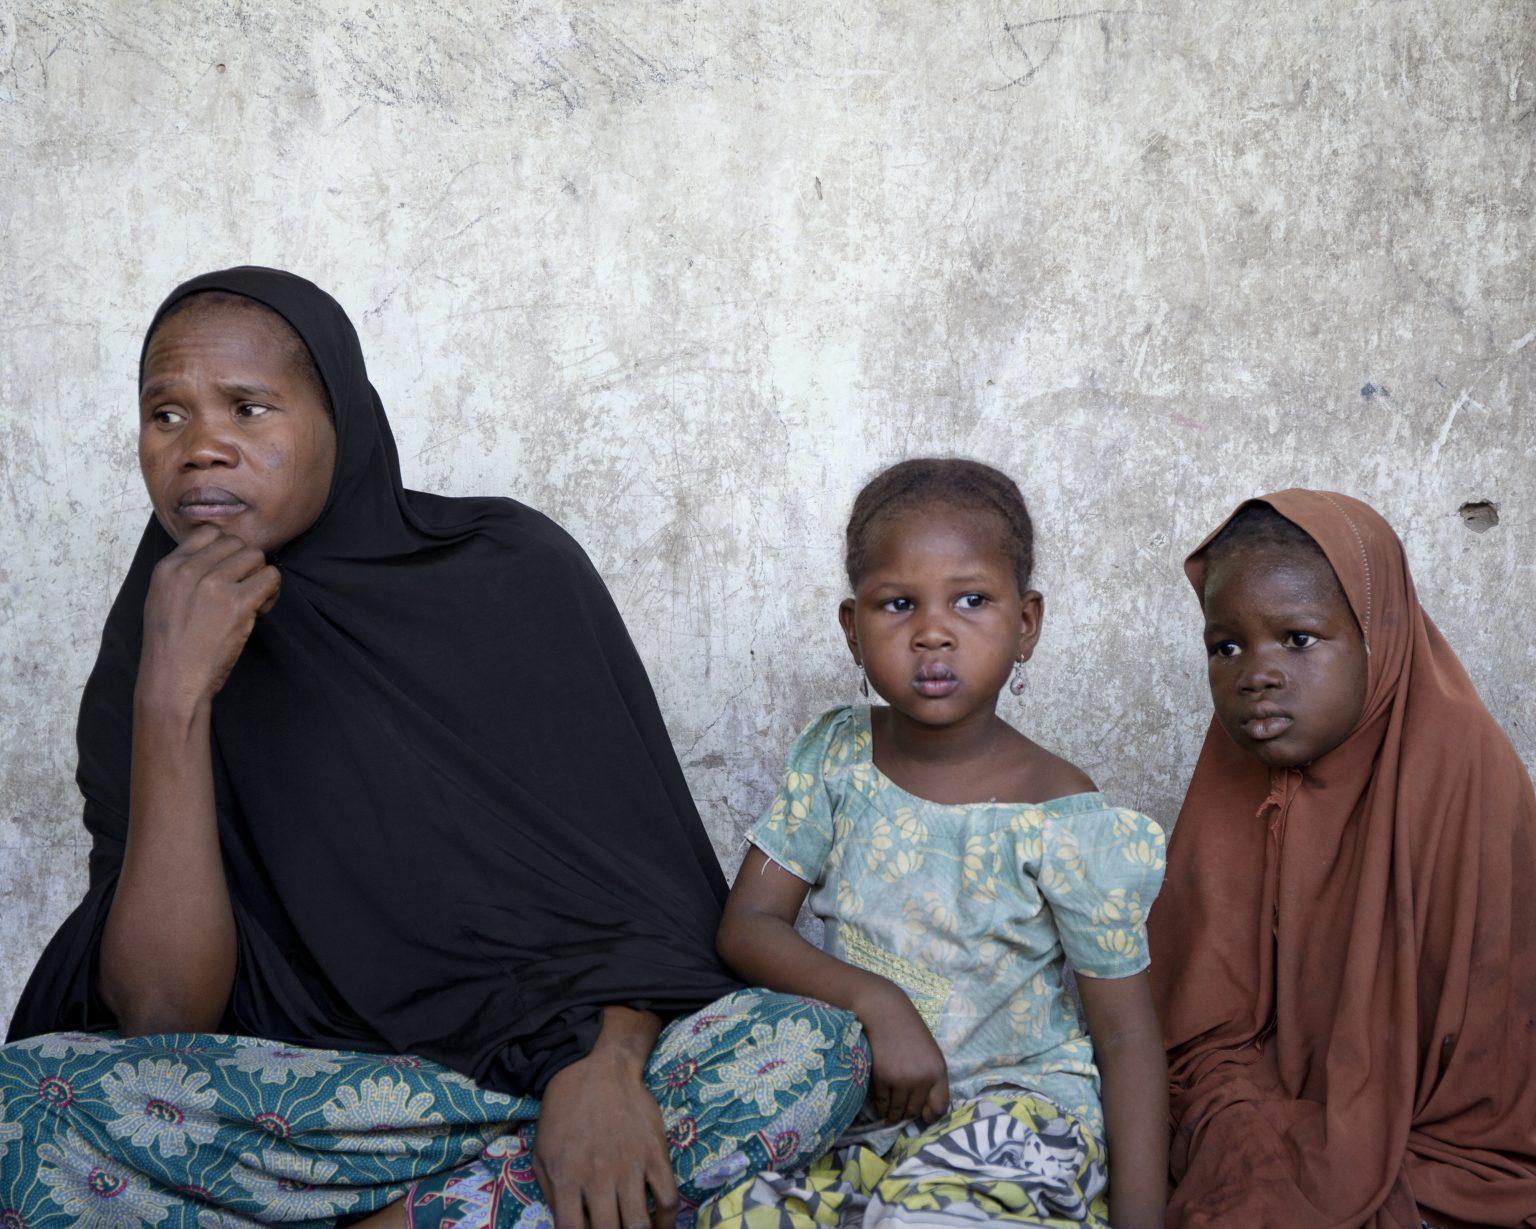 Gamboru Ngala, Borno State (Nigeria). Bintu Mohammed, 40, had four children when the conflict started. Two of them have been kidnapped by Boko Haram; another one died before being born five years ago, when she arrived in Gamboru Ngala. >< Gamboru Ngala, Stato di Borno (Nigeria). Bintu Mohammed, 40 anni, aveva quattro figli quando è iniziata la guerra civile. Due le sono stati rapiti da Boko Haram; un altro è morto prima di nascere cinque anni fa, quando lei è arrivata a Gamboru Ngala.